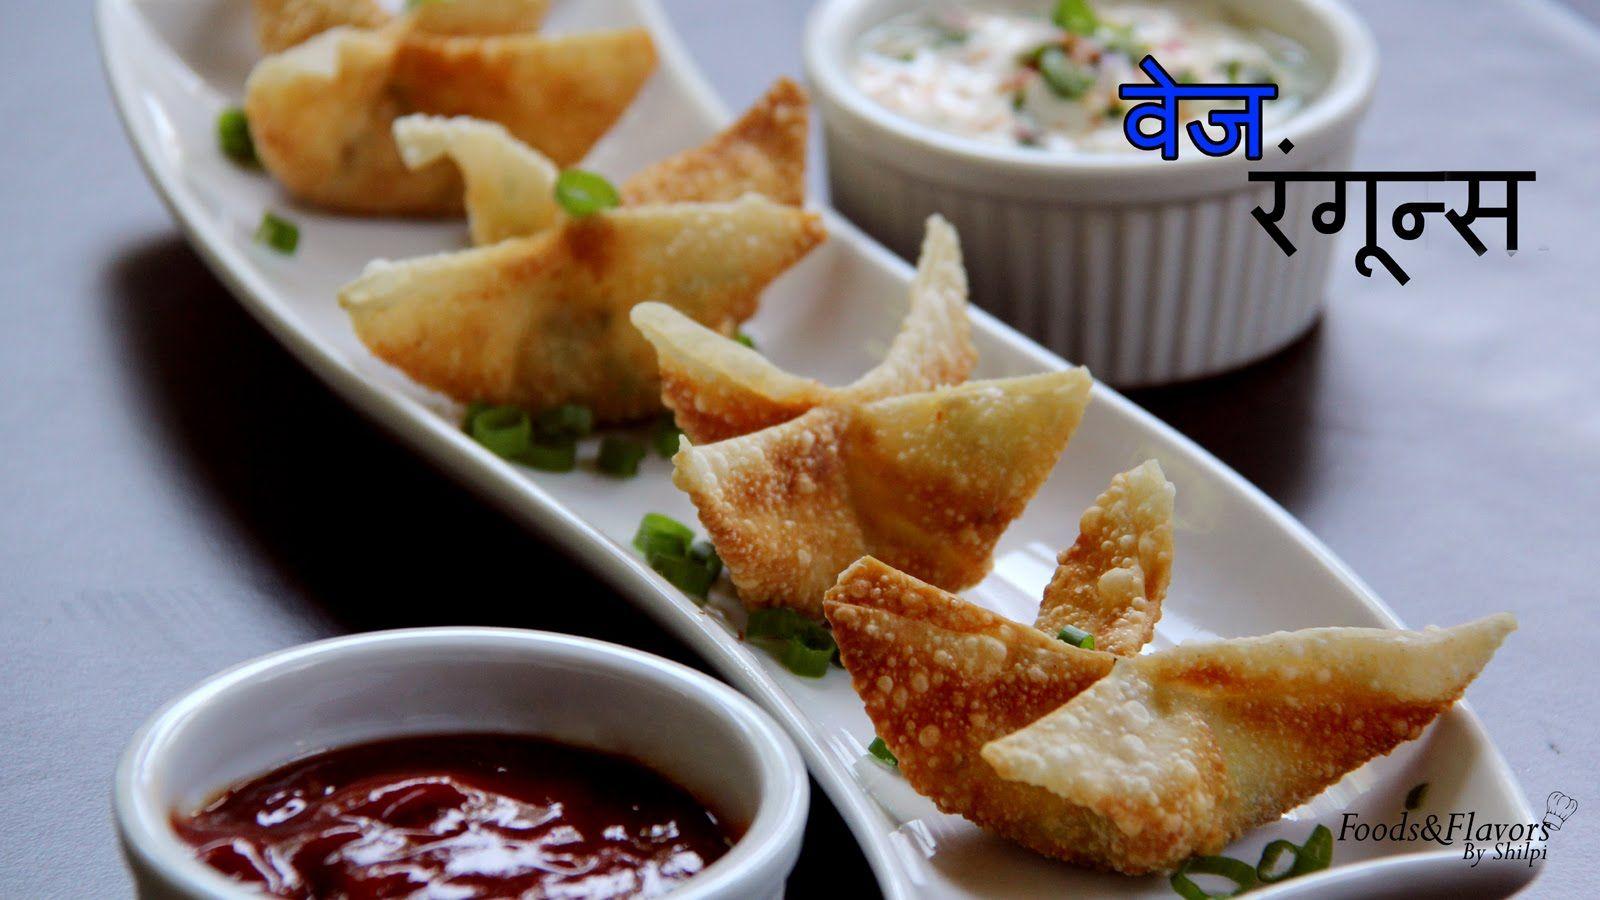 Cream cheese wontons recipe in hindi cream cheese wontons recipe in hindi easy snacks recipes forumfinder Choice Image